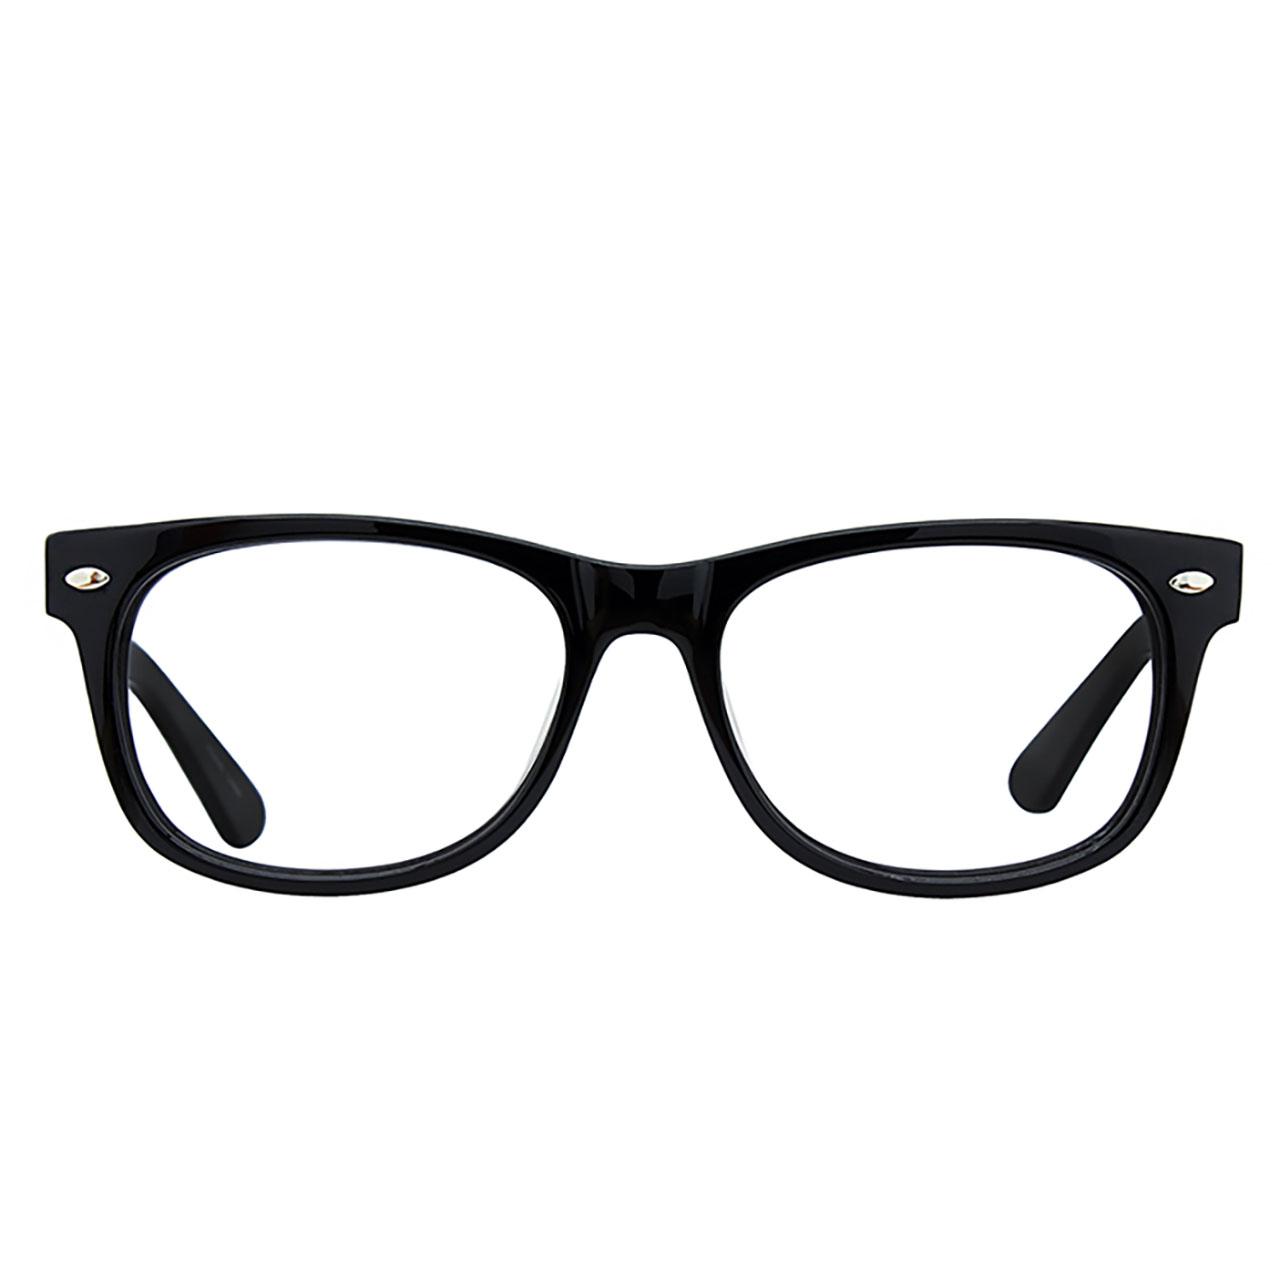 9a2e2c6b4d GEEK Eyewear® Rx Eyeglasses style RAD 09